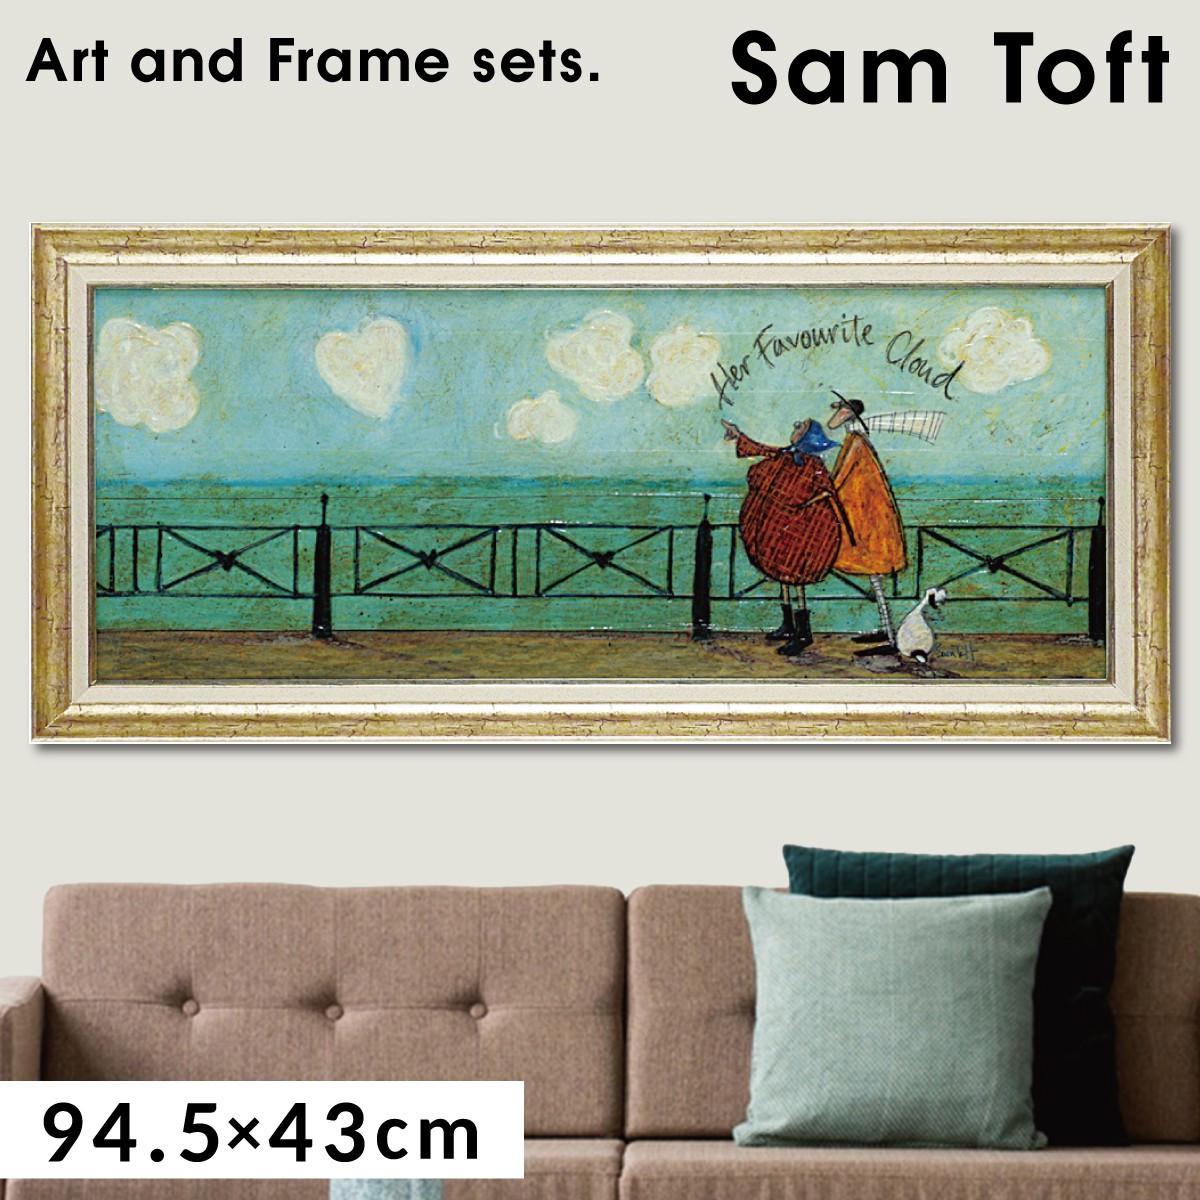 送料無料(北海道・沖縄・離島除く) 絵画 サムトフト 絵 アート インテリア サムトフト 彼女の好きなハート雲 ST-15010